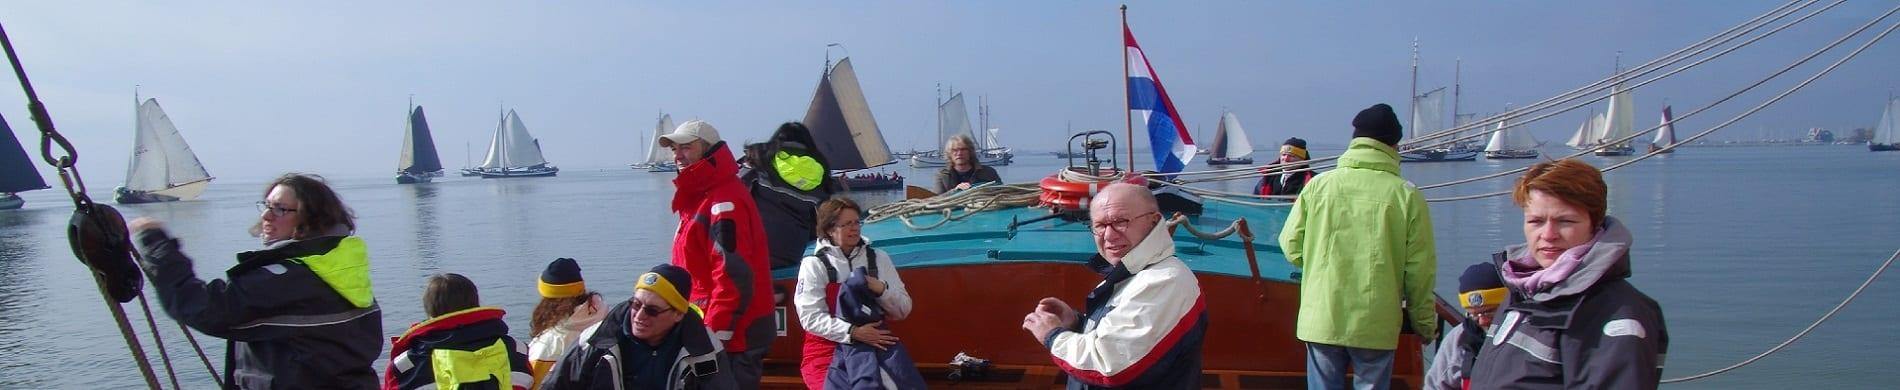 Wochenende Segeln Holland